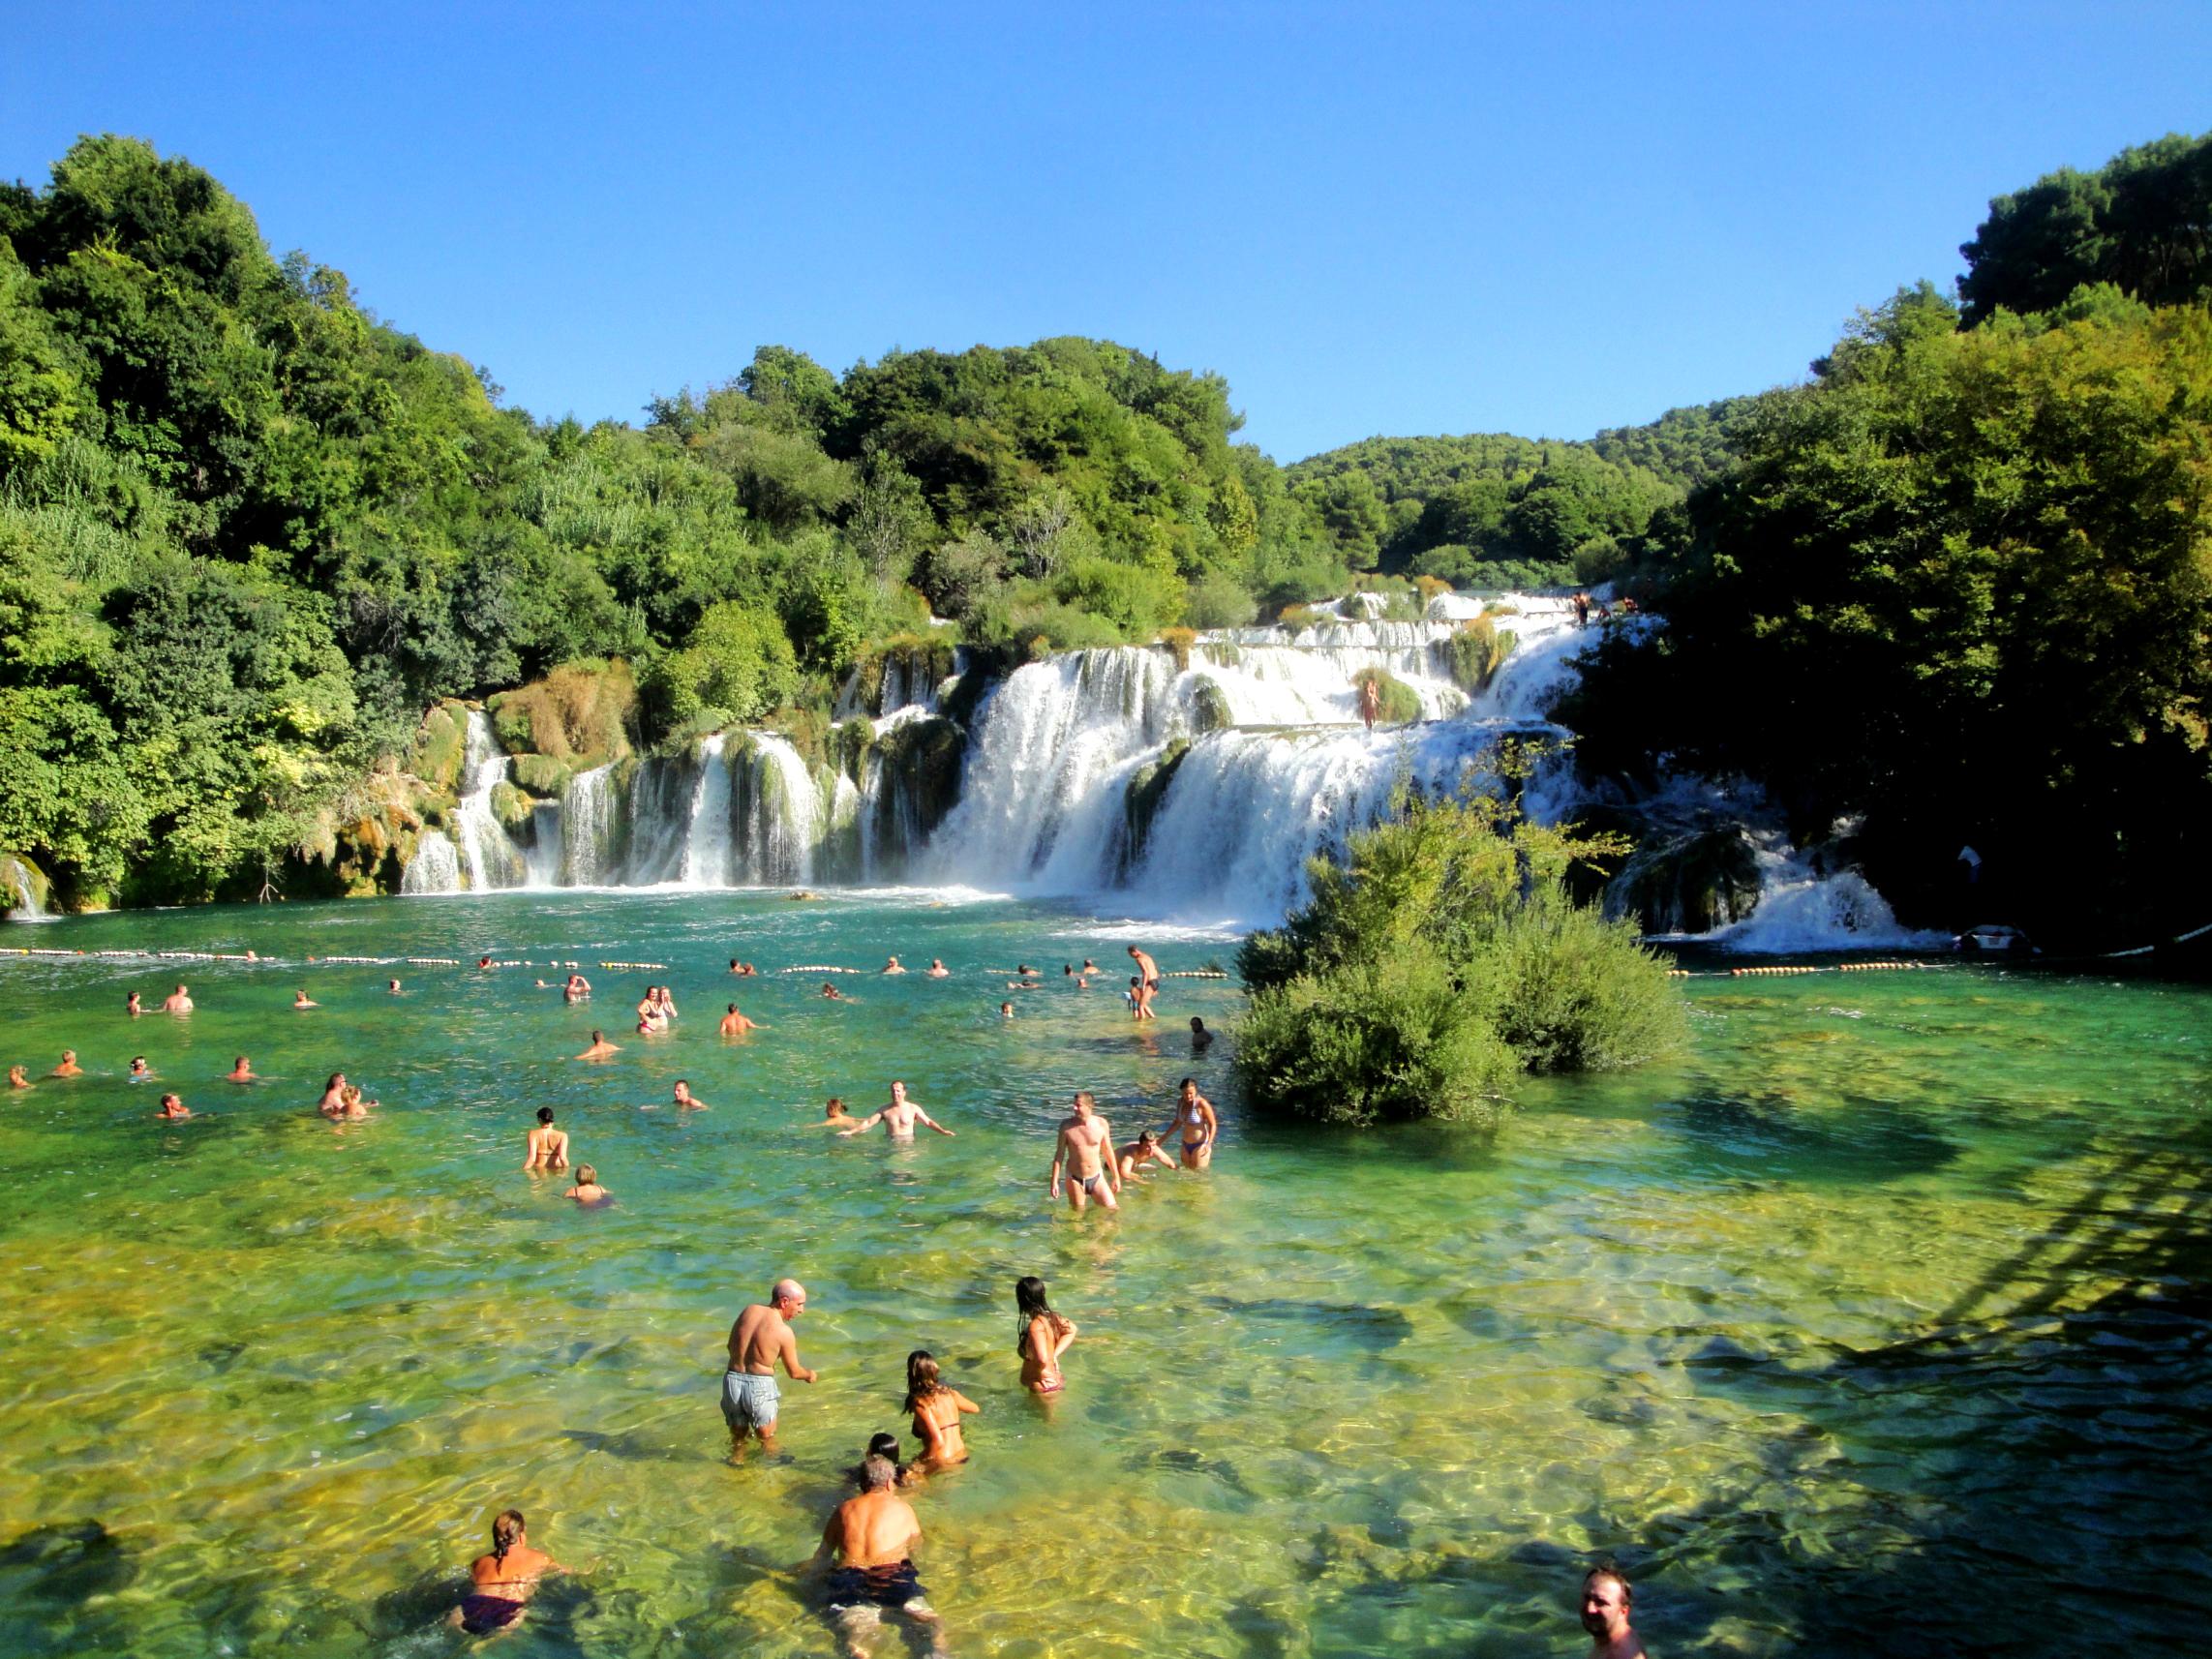 Parc national de krka chutes de la rivière krka dans le parc national